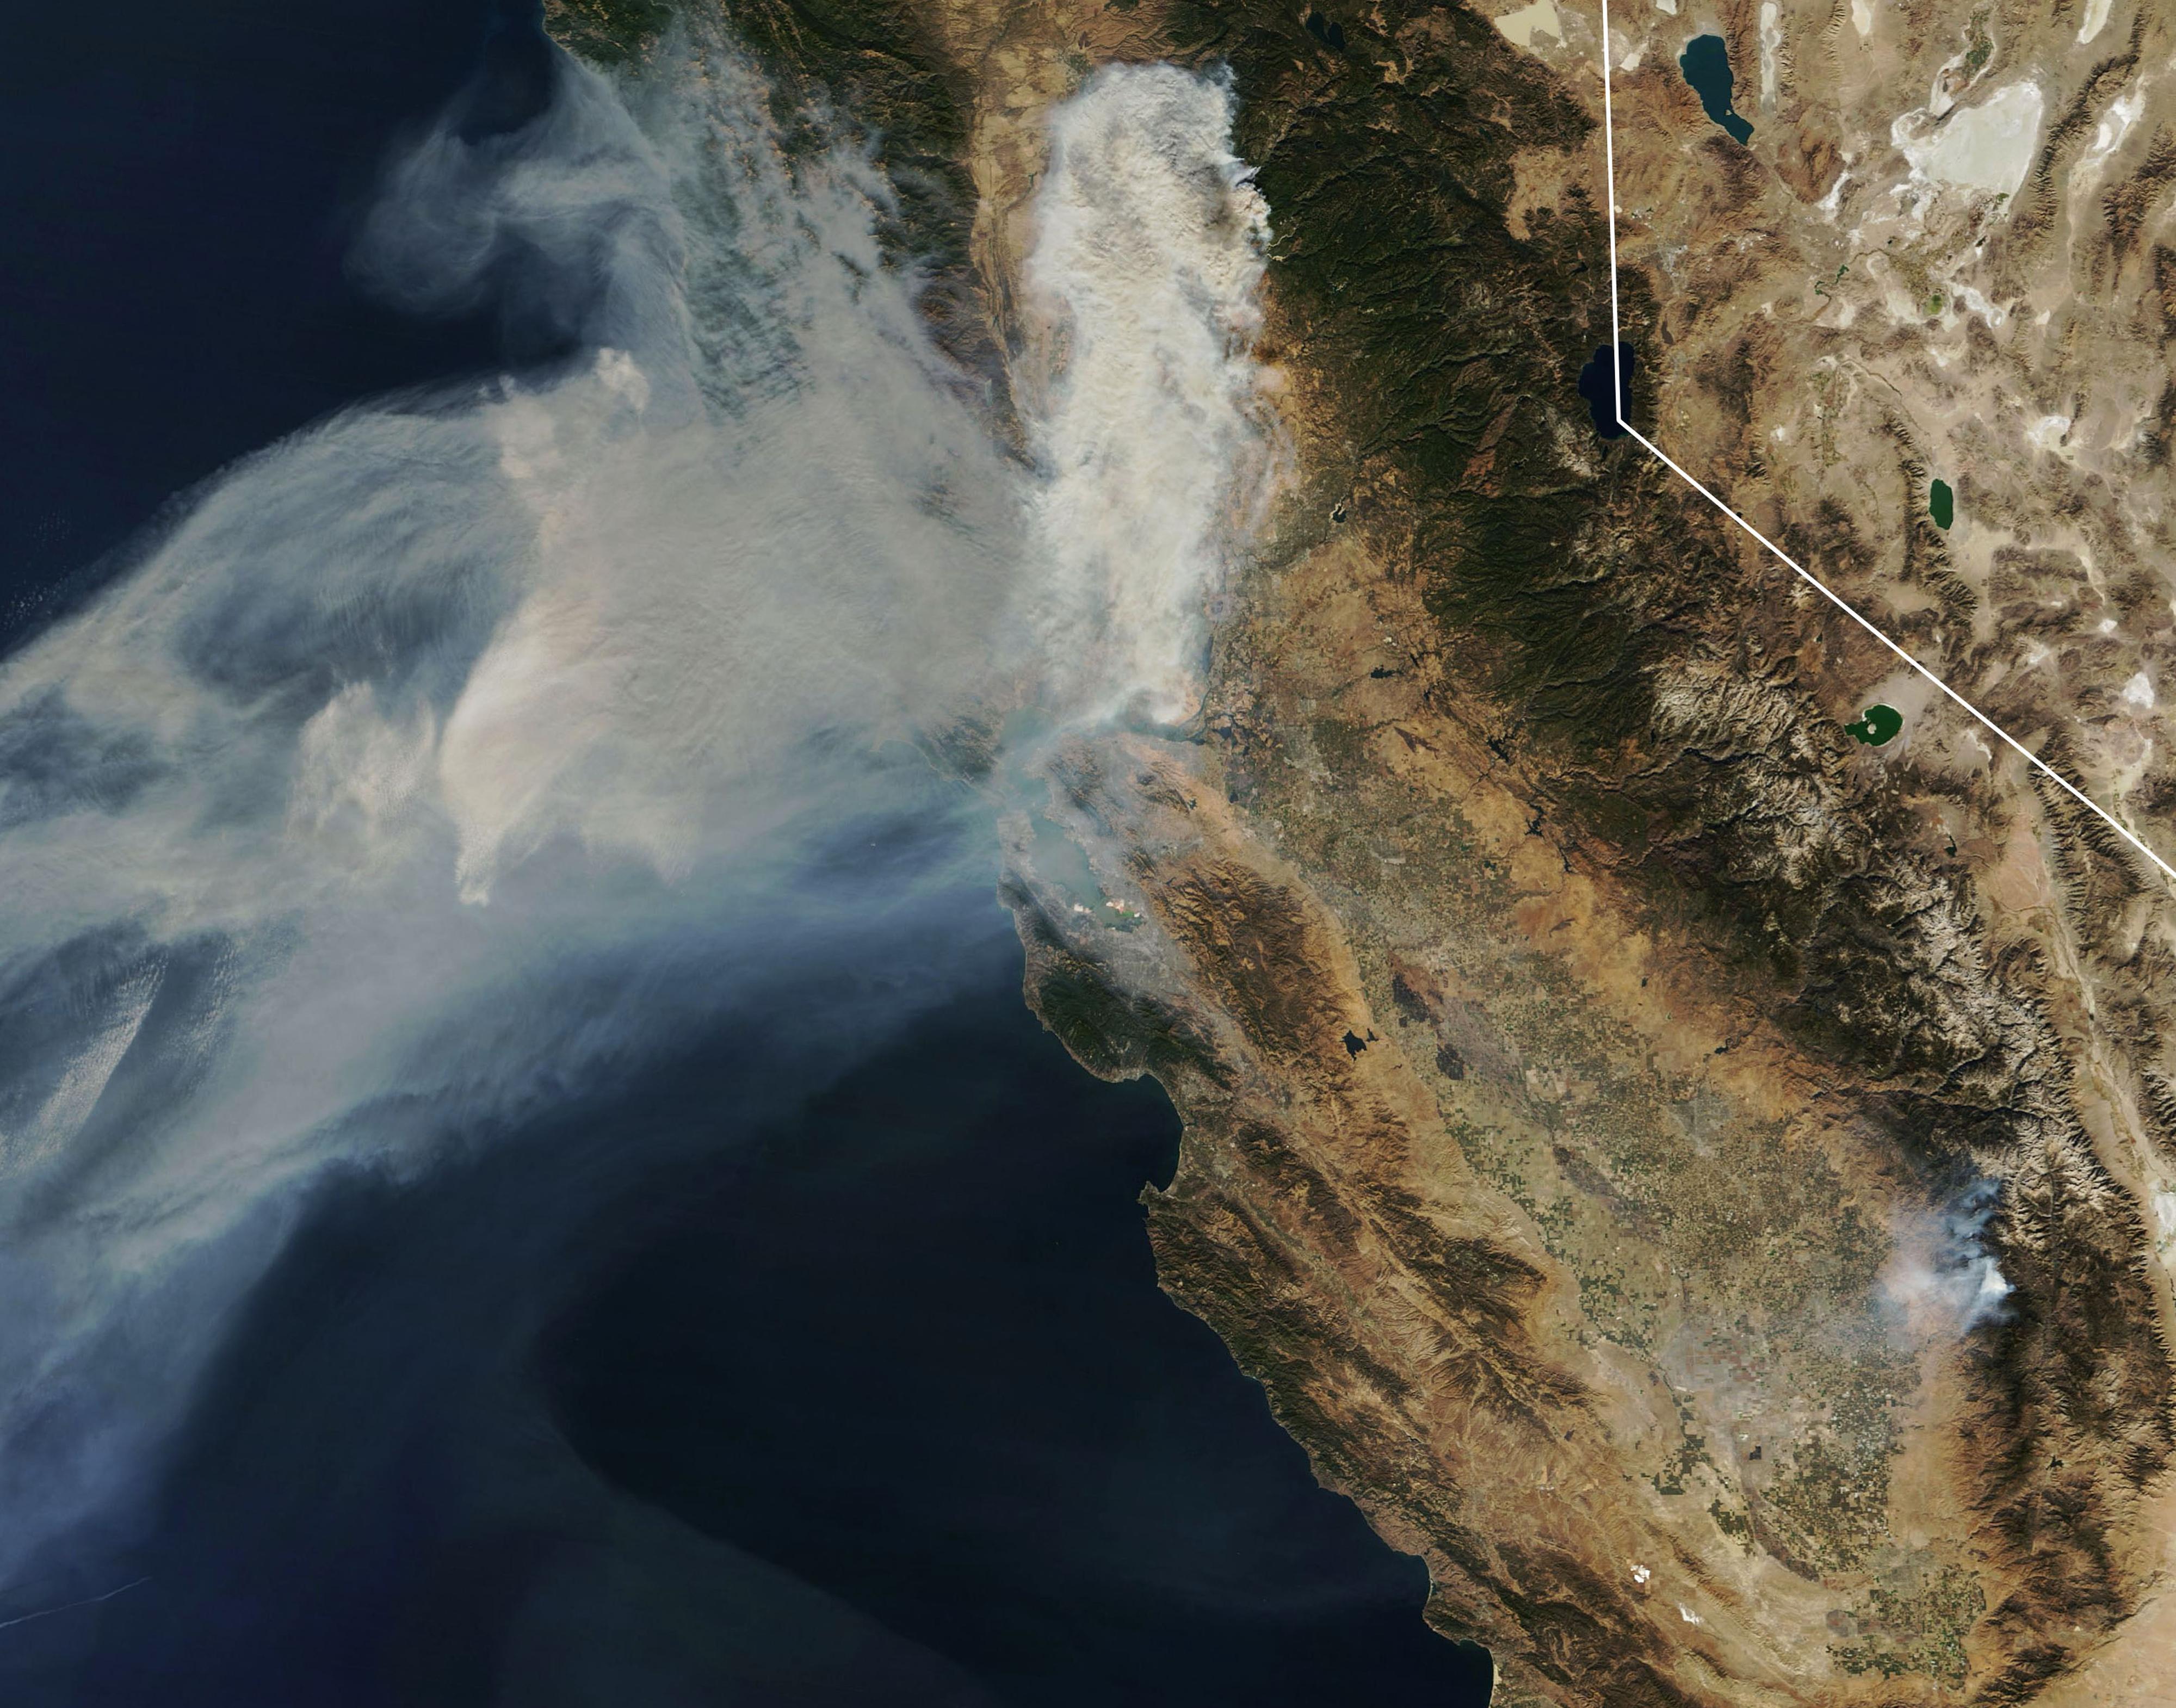 Una imagen de la NASA muestra el avance del humo hacia la bahía